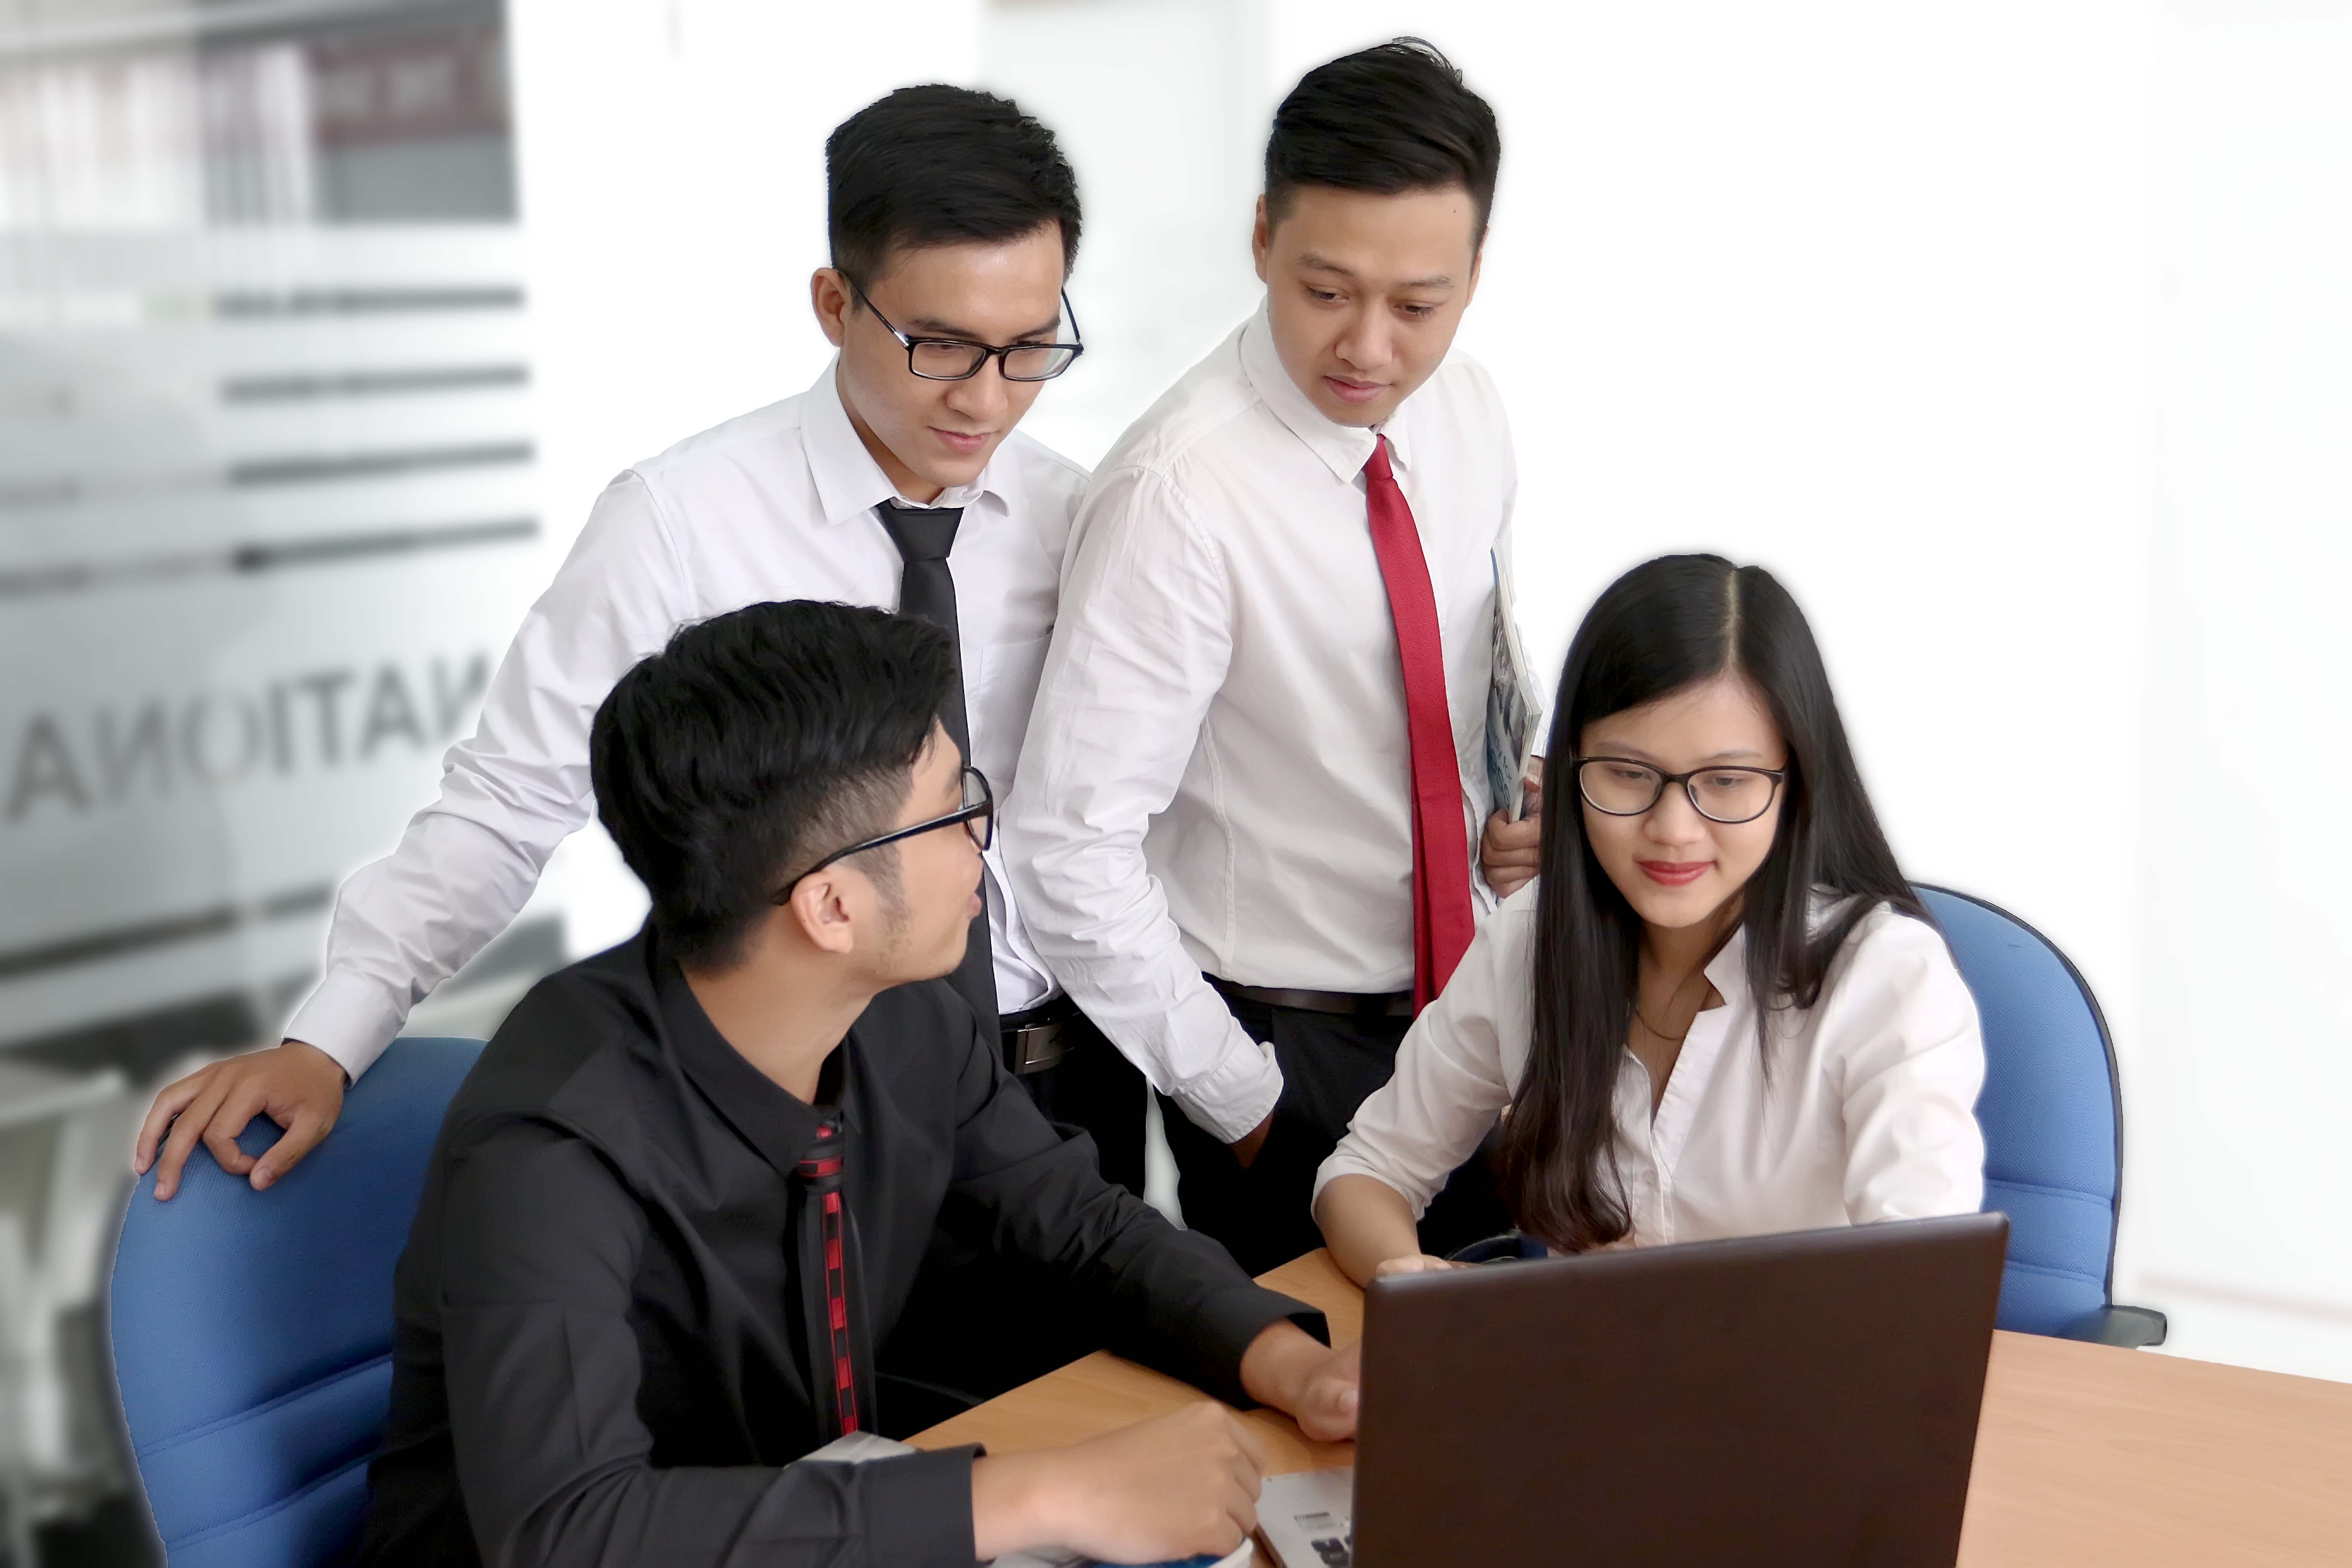 Nâng tầm tư duy lãnh đạo với học bổng MBA trên 1 tỷ đồng từ SIU - Ảnh 3.